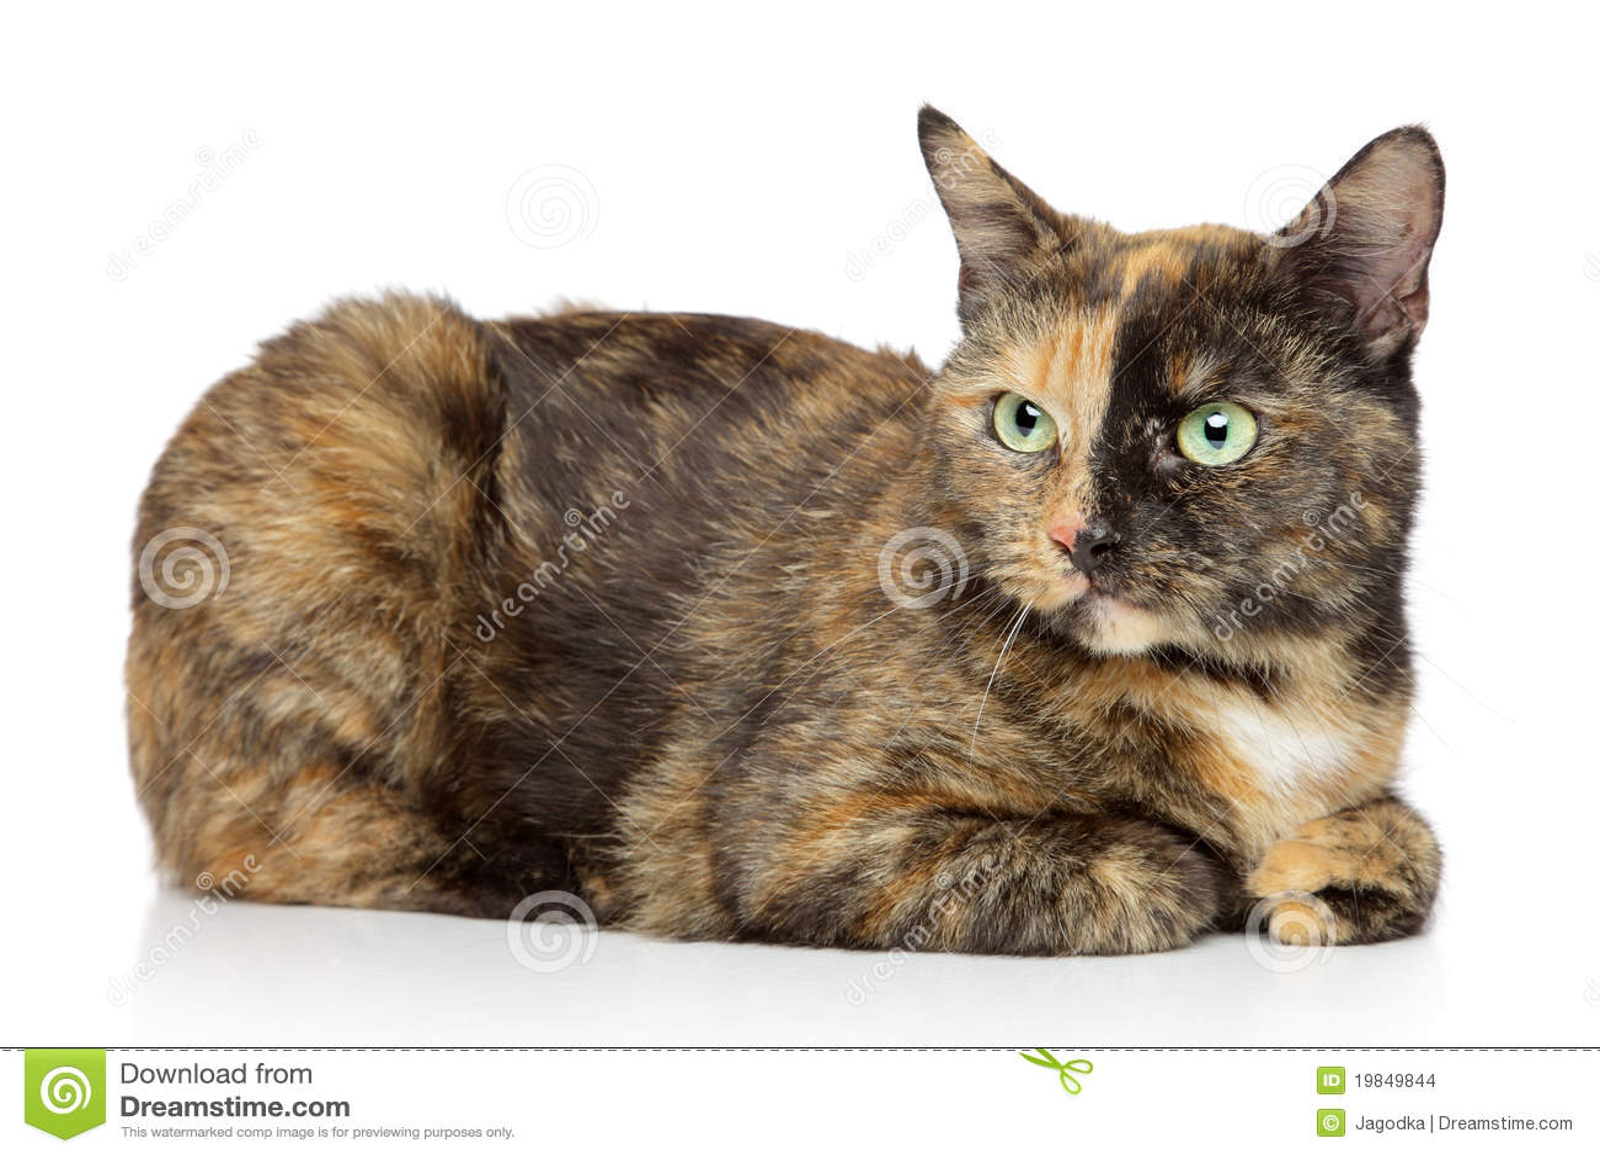 3 formas de jugar con gatos - wikiHow